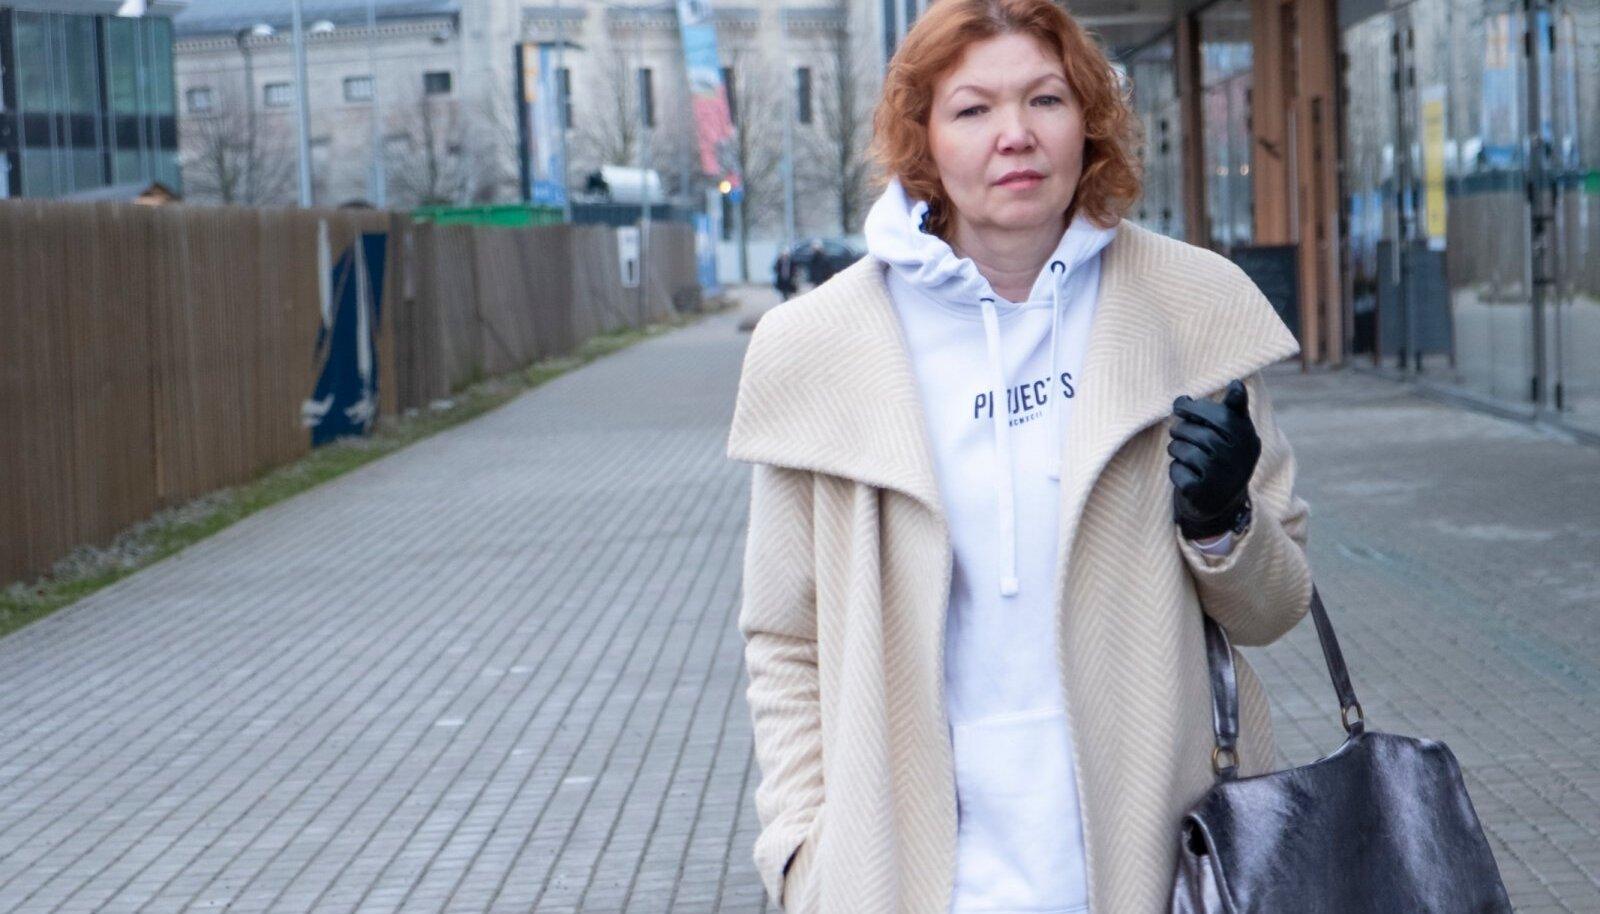 Moedisainer Natalia (40+) ja moetoimetaja Anne (60+) leiavad, et dressipluus sobib nende tavarõivastusse küll!